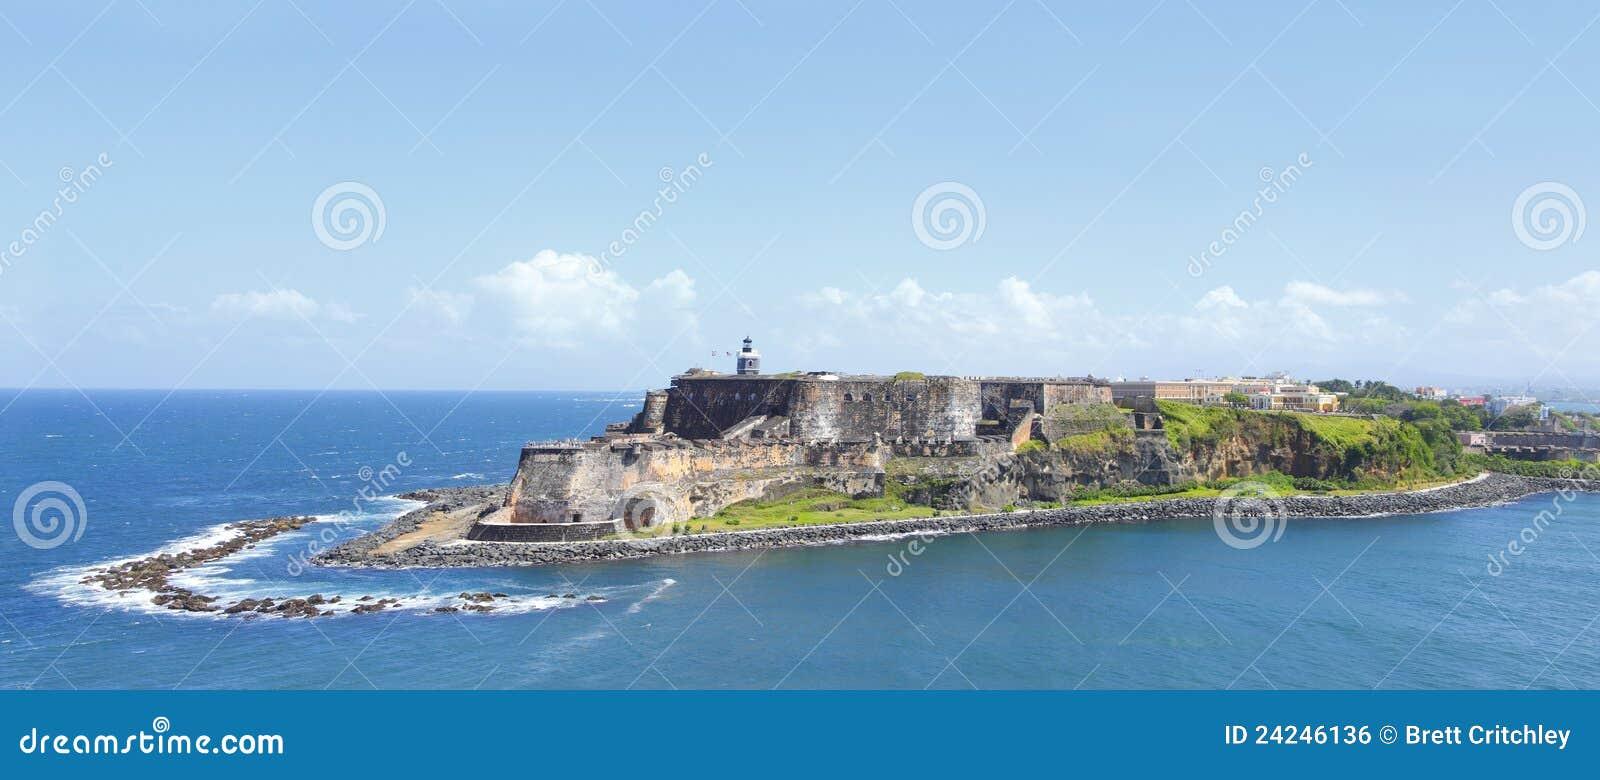 EL morro Fort Puerto Rico